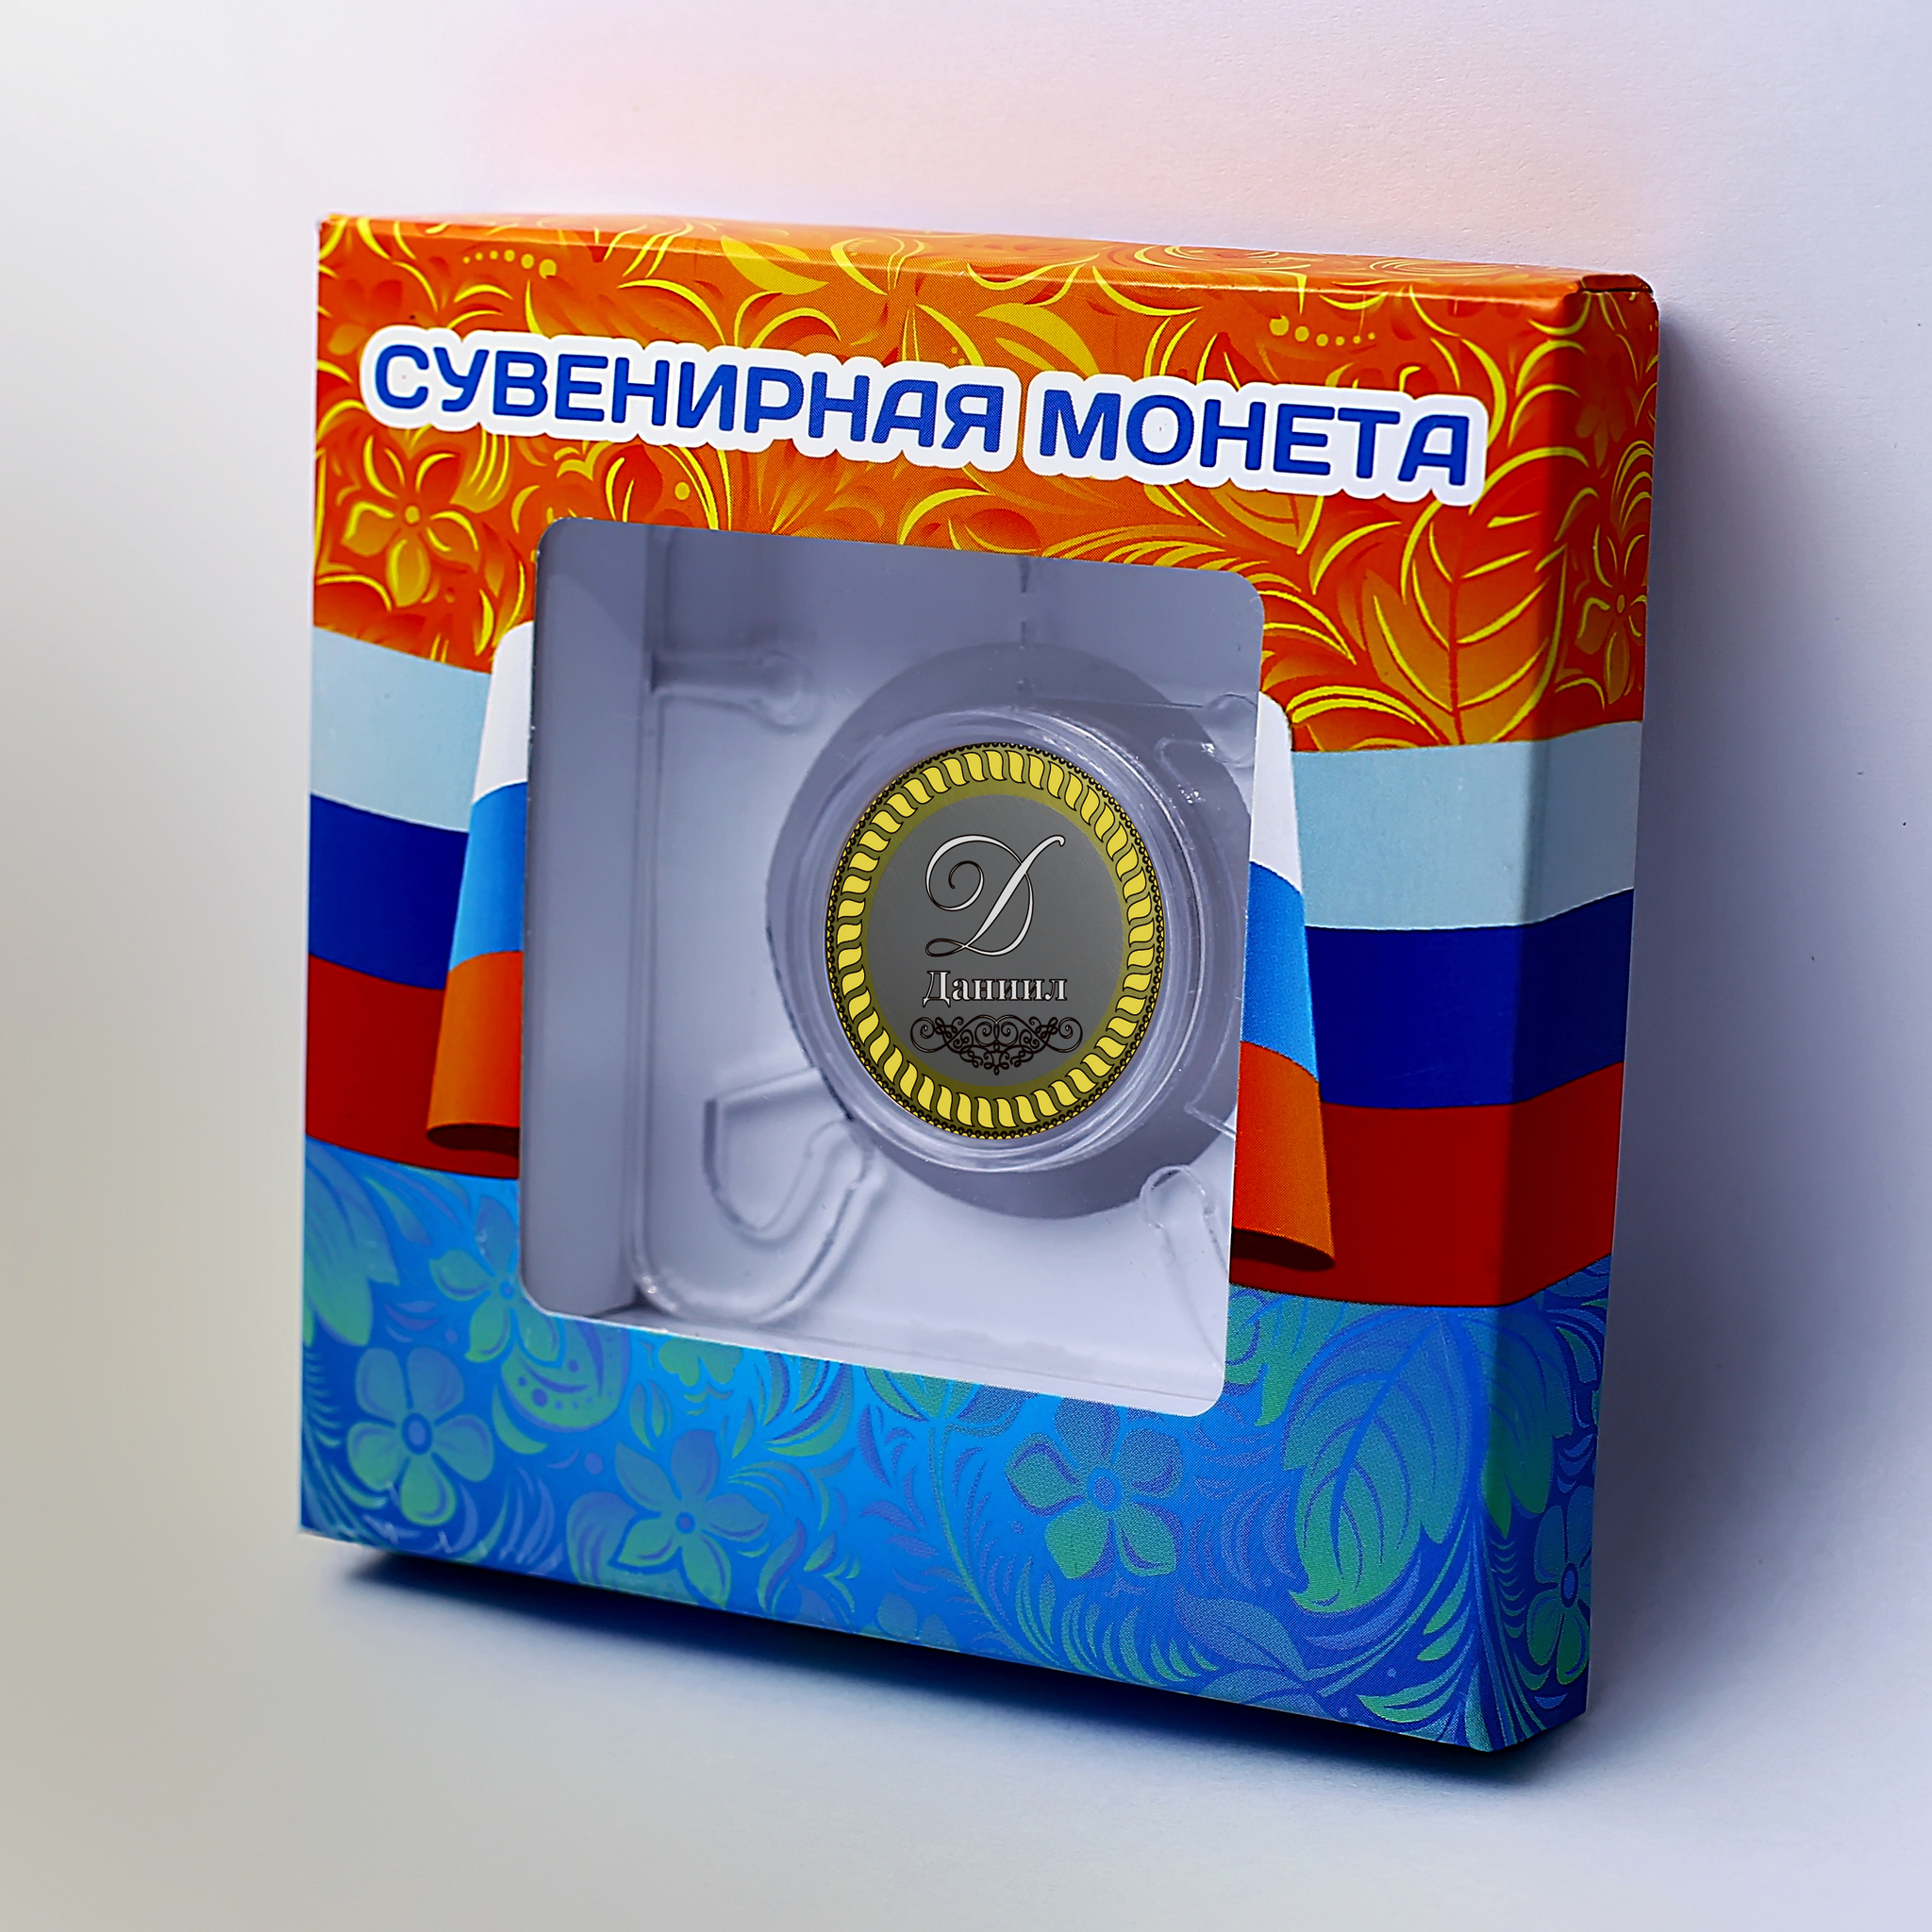 Даниил. Гравированная монета 10 рублей в подарочной коробочке с подставкой